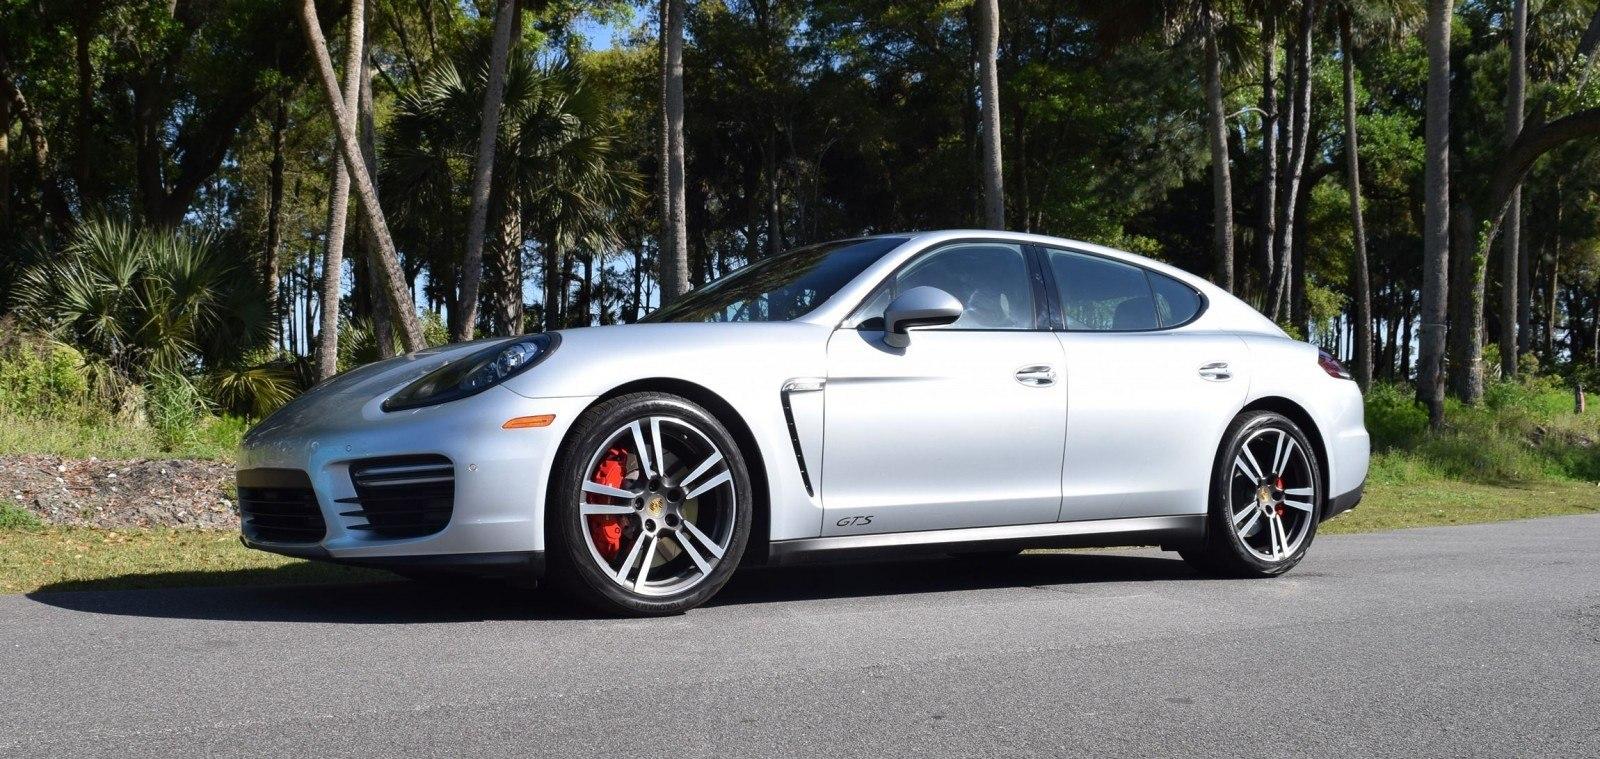 First Drive Gallery - 2016 Porsche Panamera GTS » Car-Revs ...